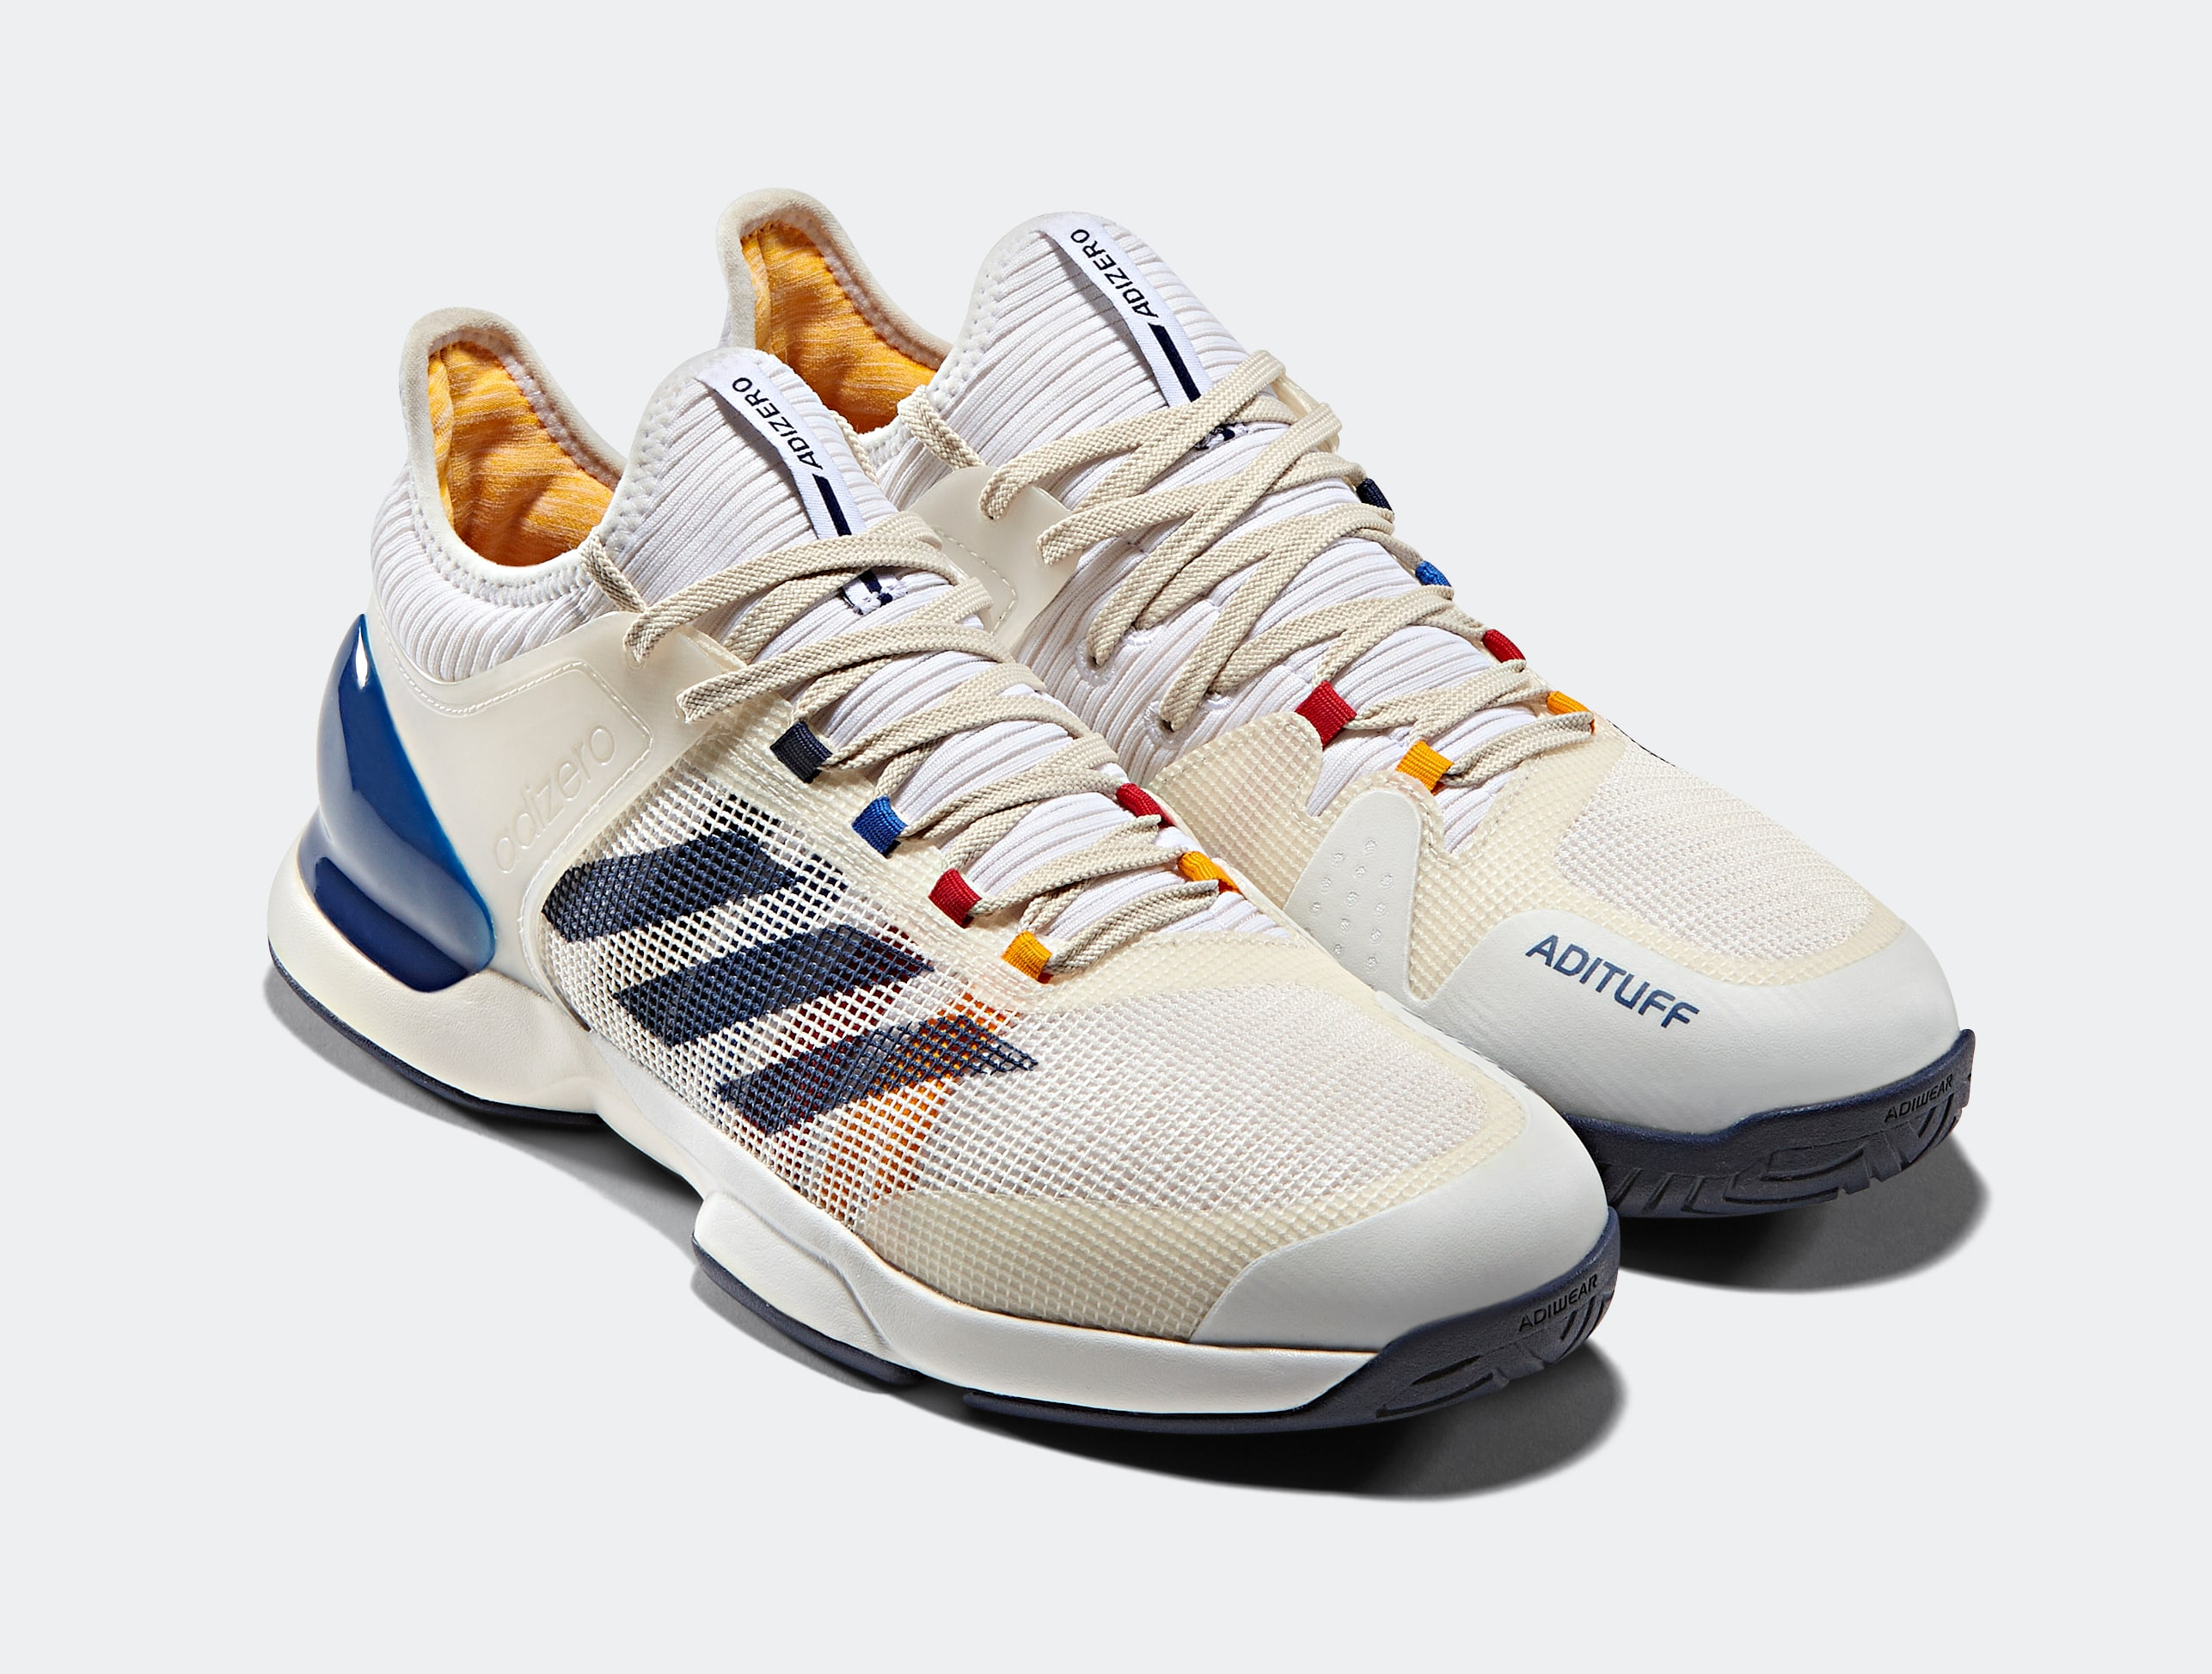 Adidas Shoes Tennis B0c21 Canada Adituff 587d1 0NnXOPk8wZ